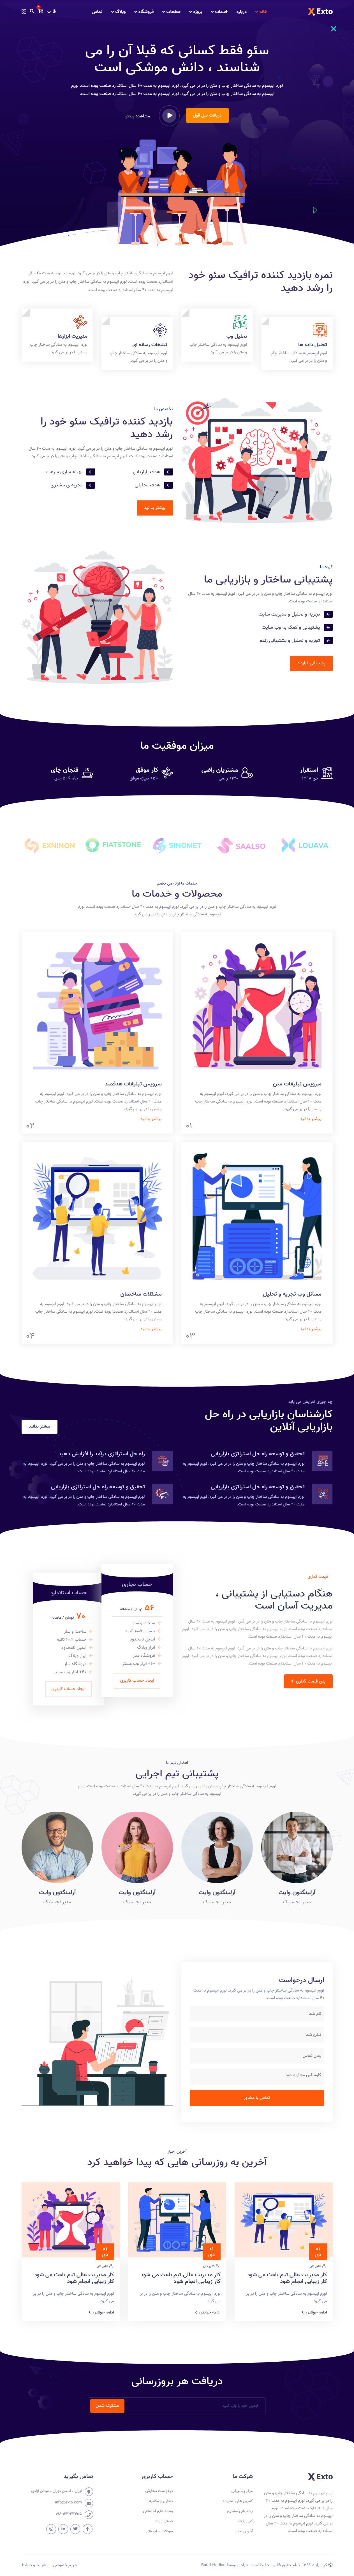 قالب HTML Exto | قالب HTML چند منظوره و شرکتی